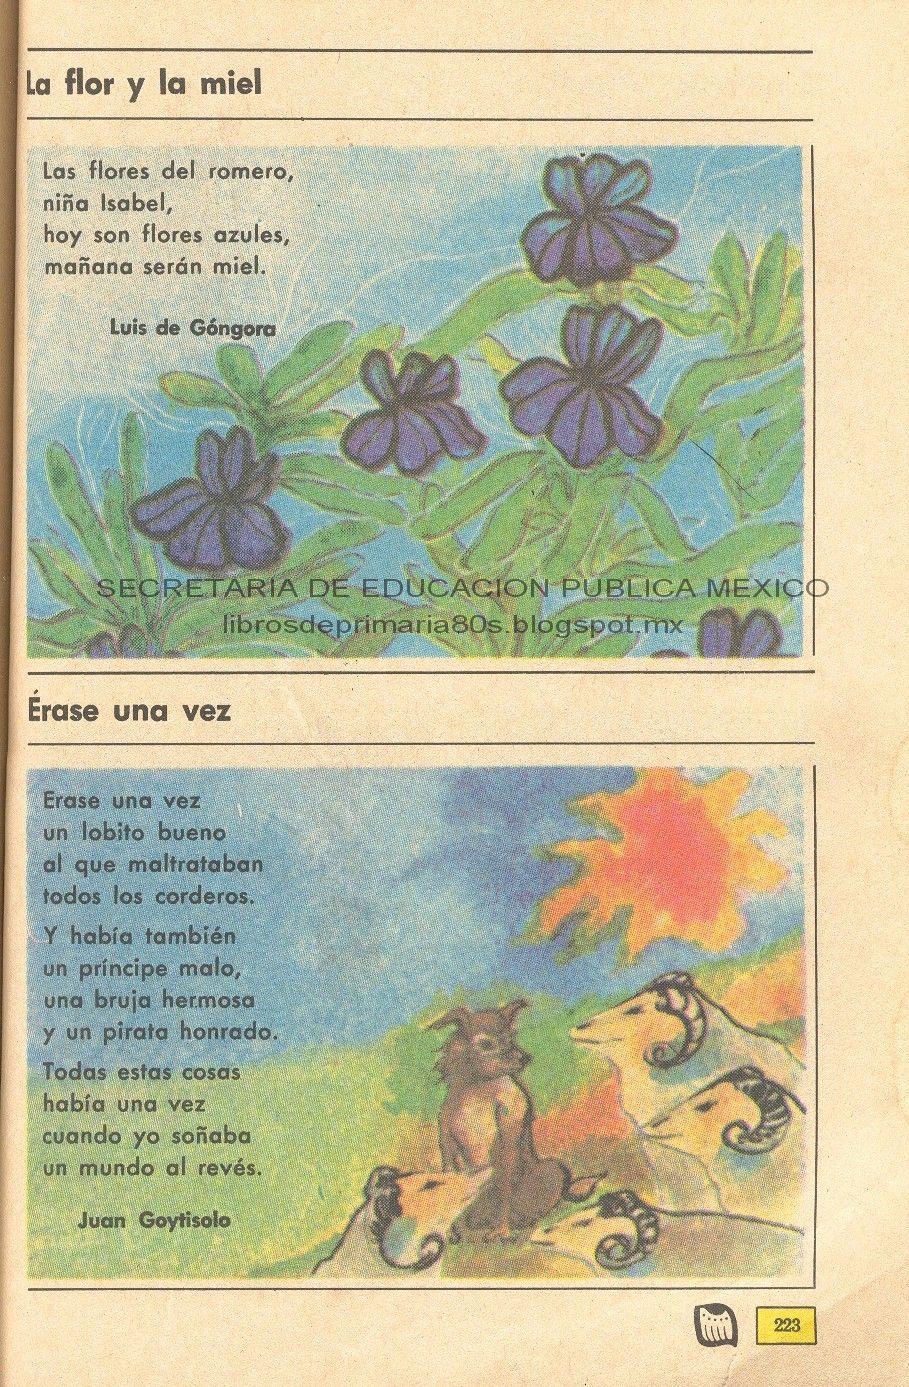 Libros de Primaria de los 80\'s: Poemas - Español Ej. y Lec. 4to grado